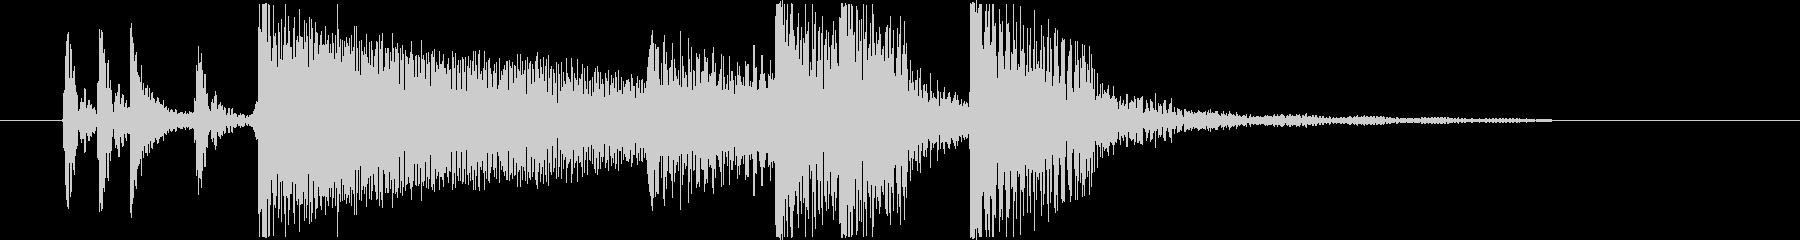 ポップなバンドサウンドのジングルの未再生の波形